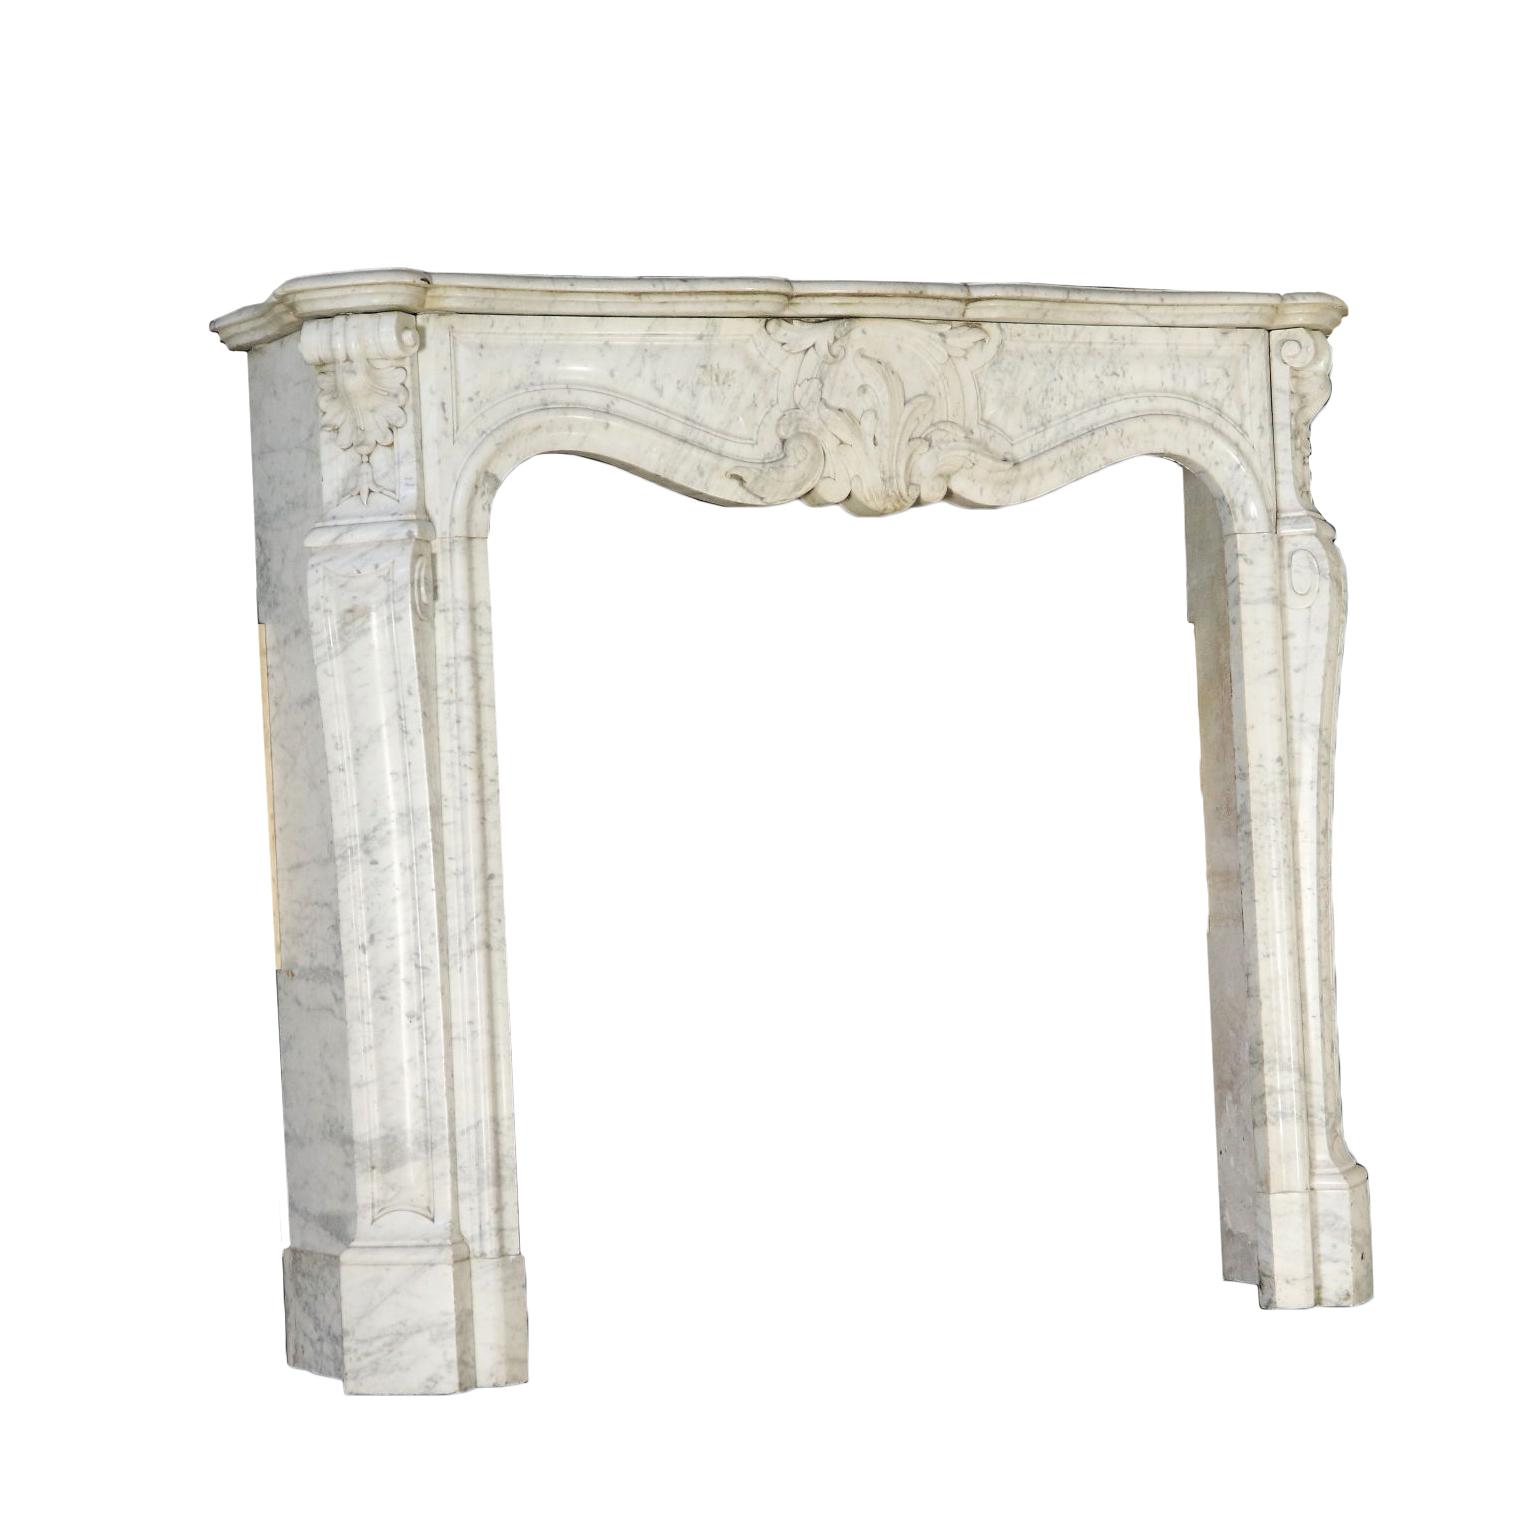 Chimenea de mármol - Piedras y muebles de jardín - Antiguedades ...